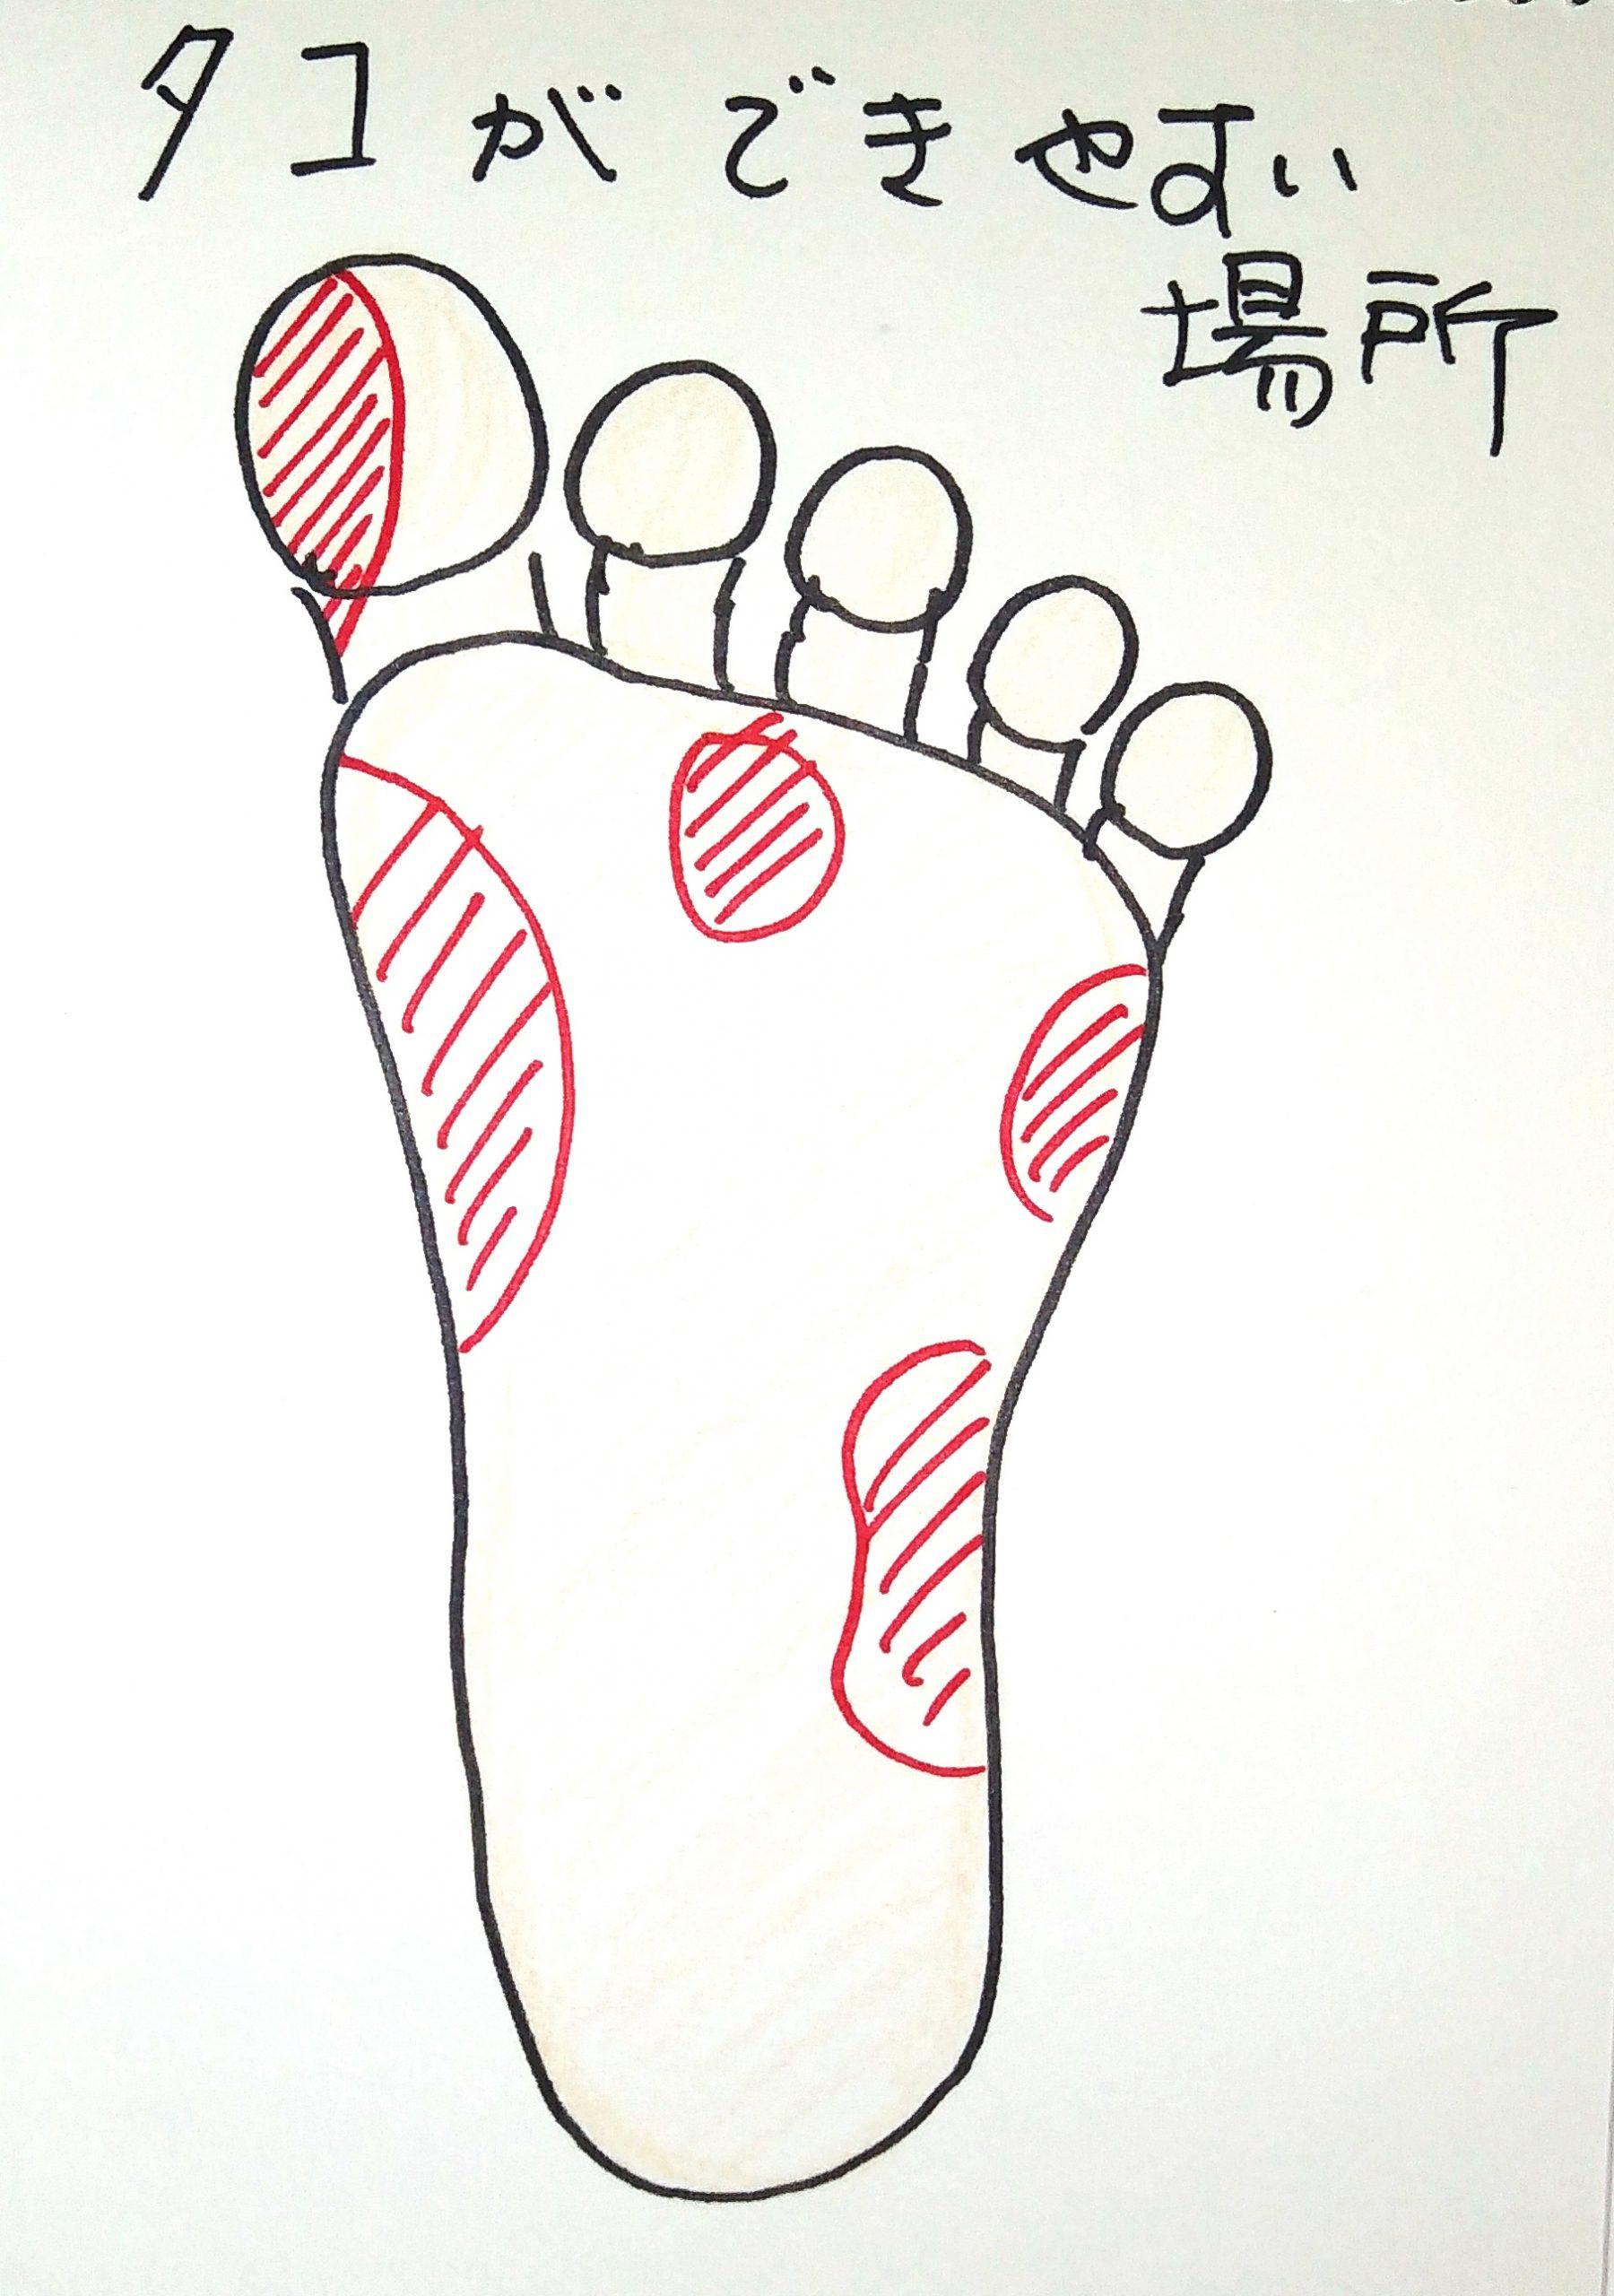 宮城県仙台市 タコ(胼胝) 靴合わせ オーダーメイドインソール 根本原因 解決 足のアーチサポート